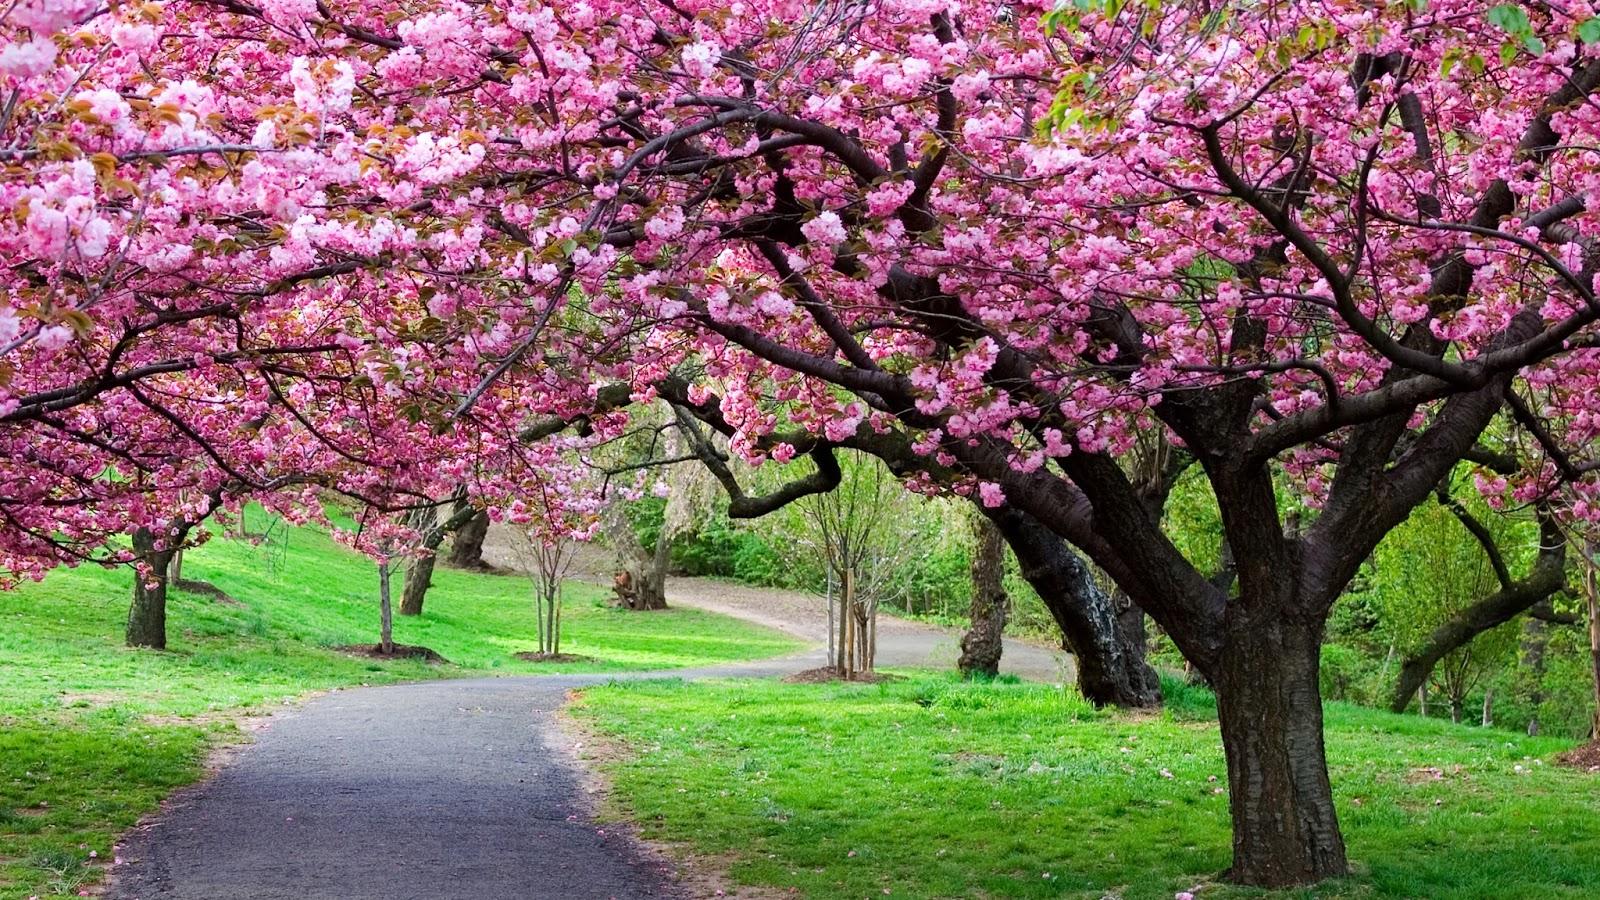 fond d'ecran gratuit printemps paysage